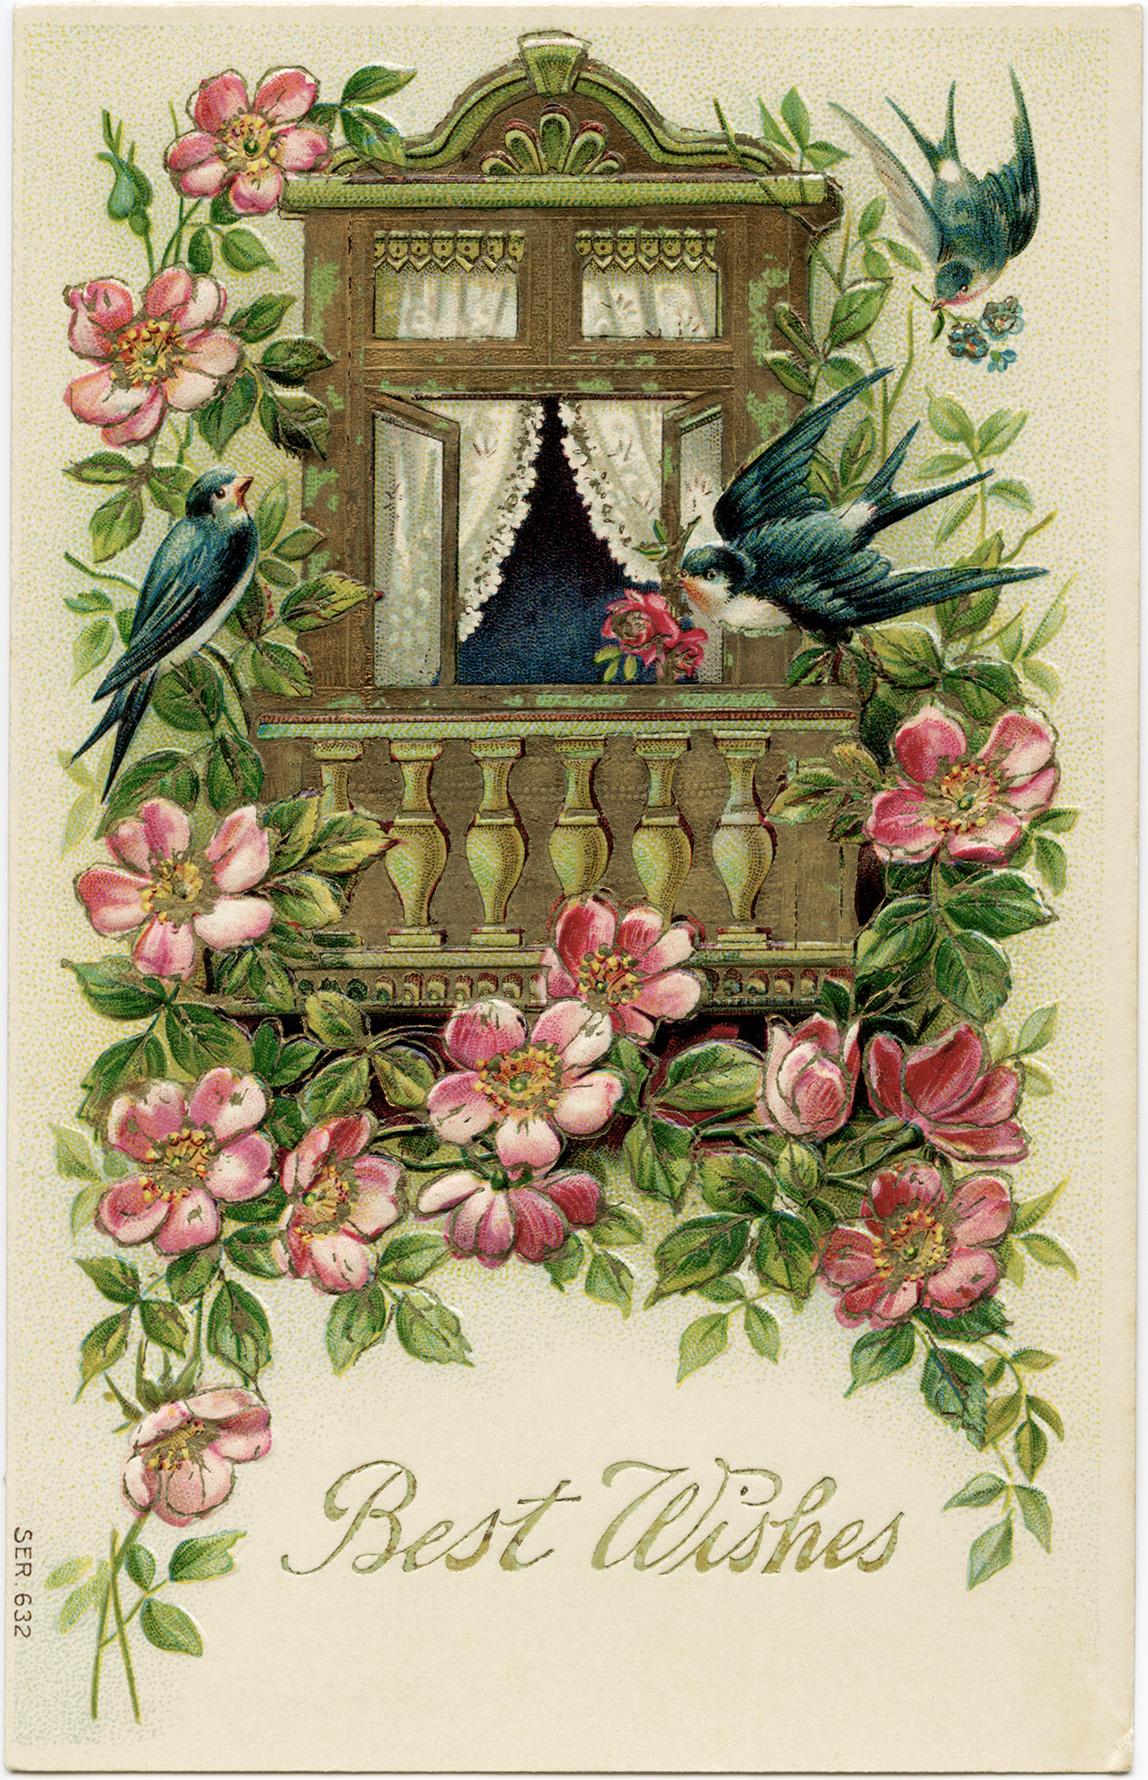 old postcard, digital vintage postcard, birds flowers image, vintage ephemera, free vintage printable